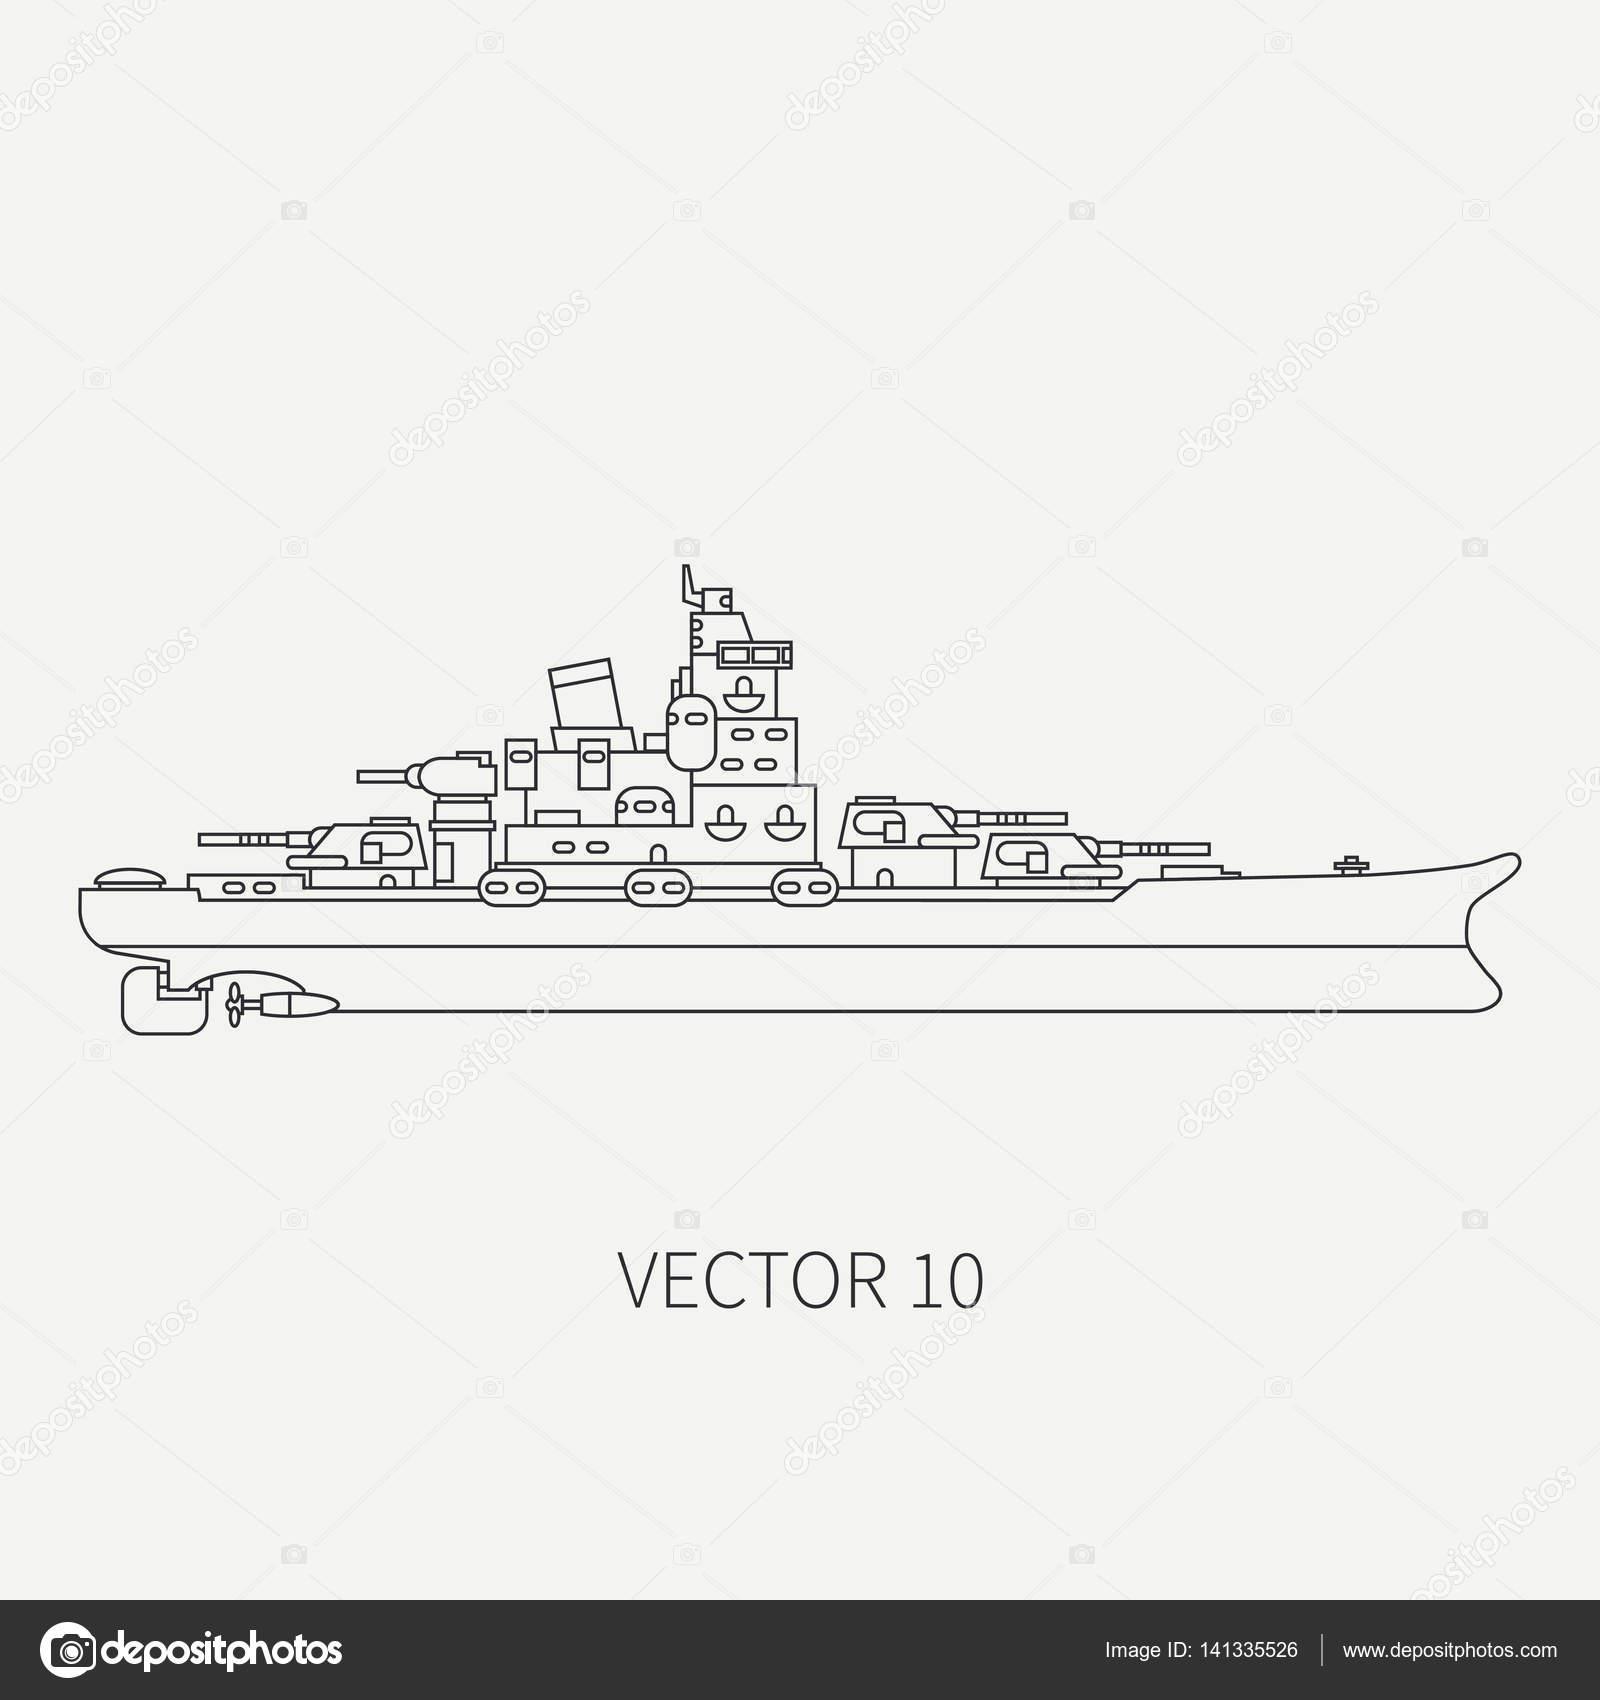 çizgi Düz Vektör Retro Simgesi Deniz Savaş Gemisi Korkusuz Savaş